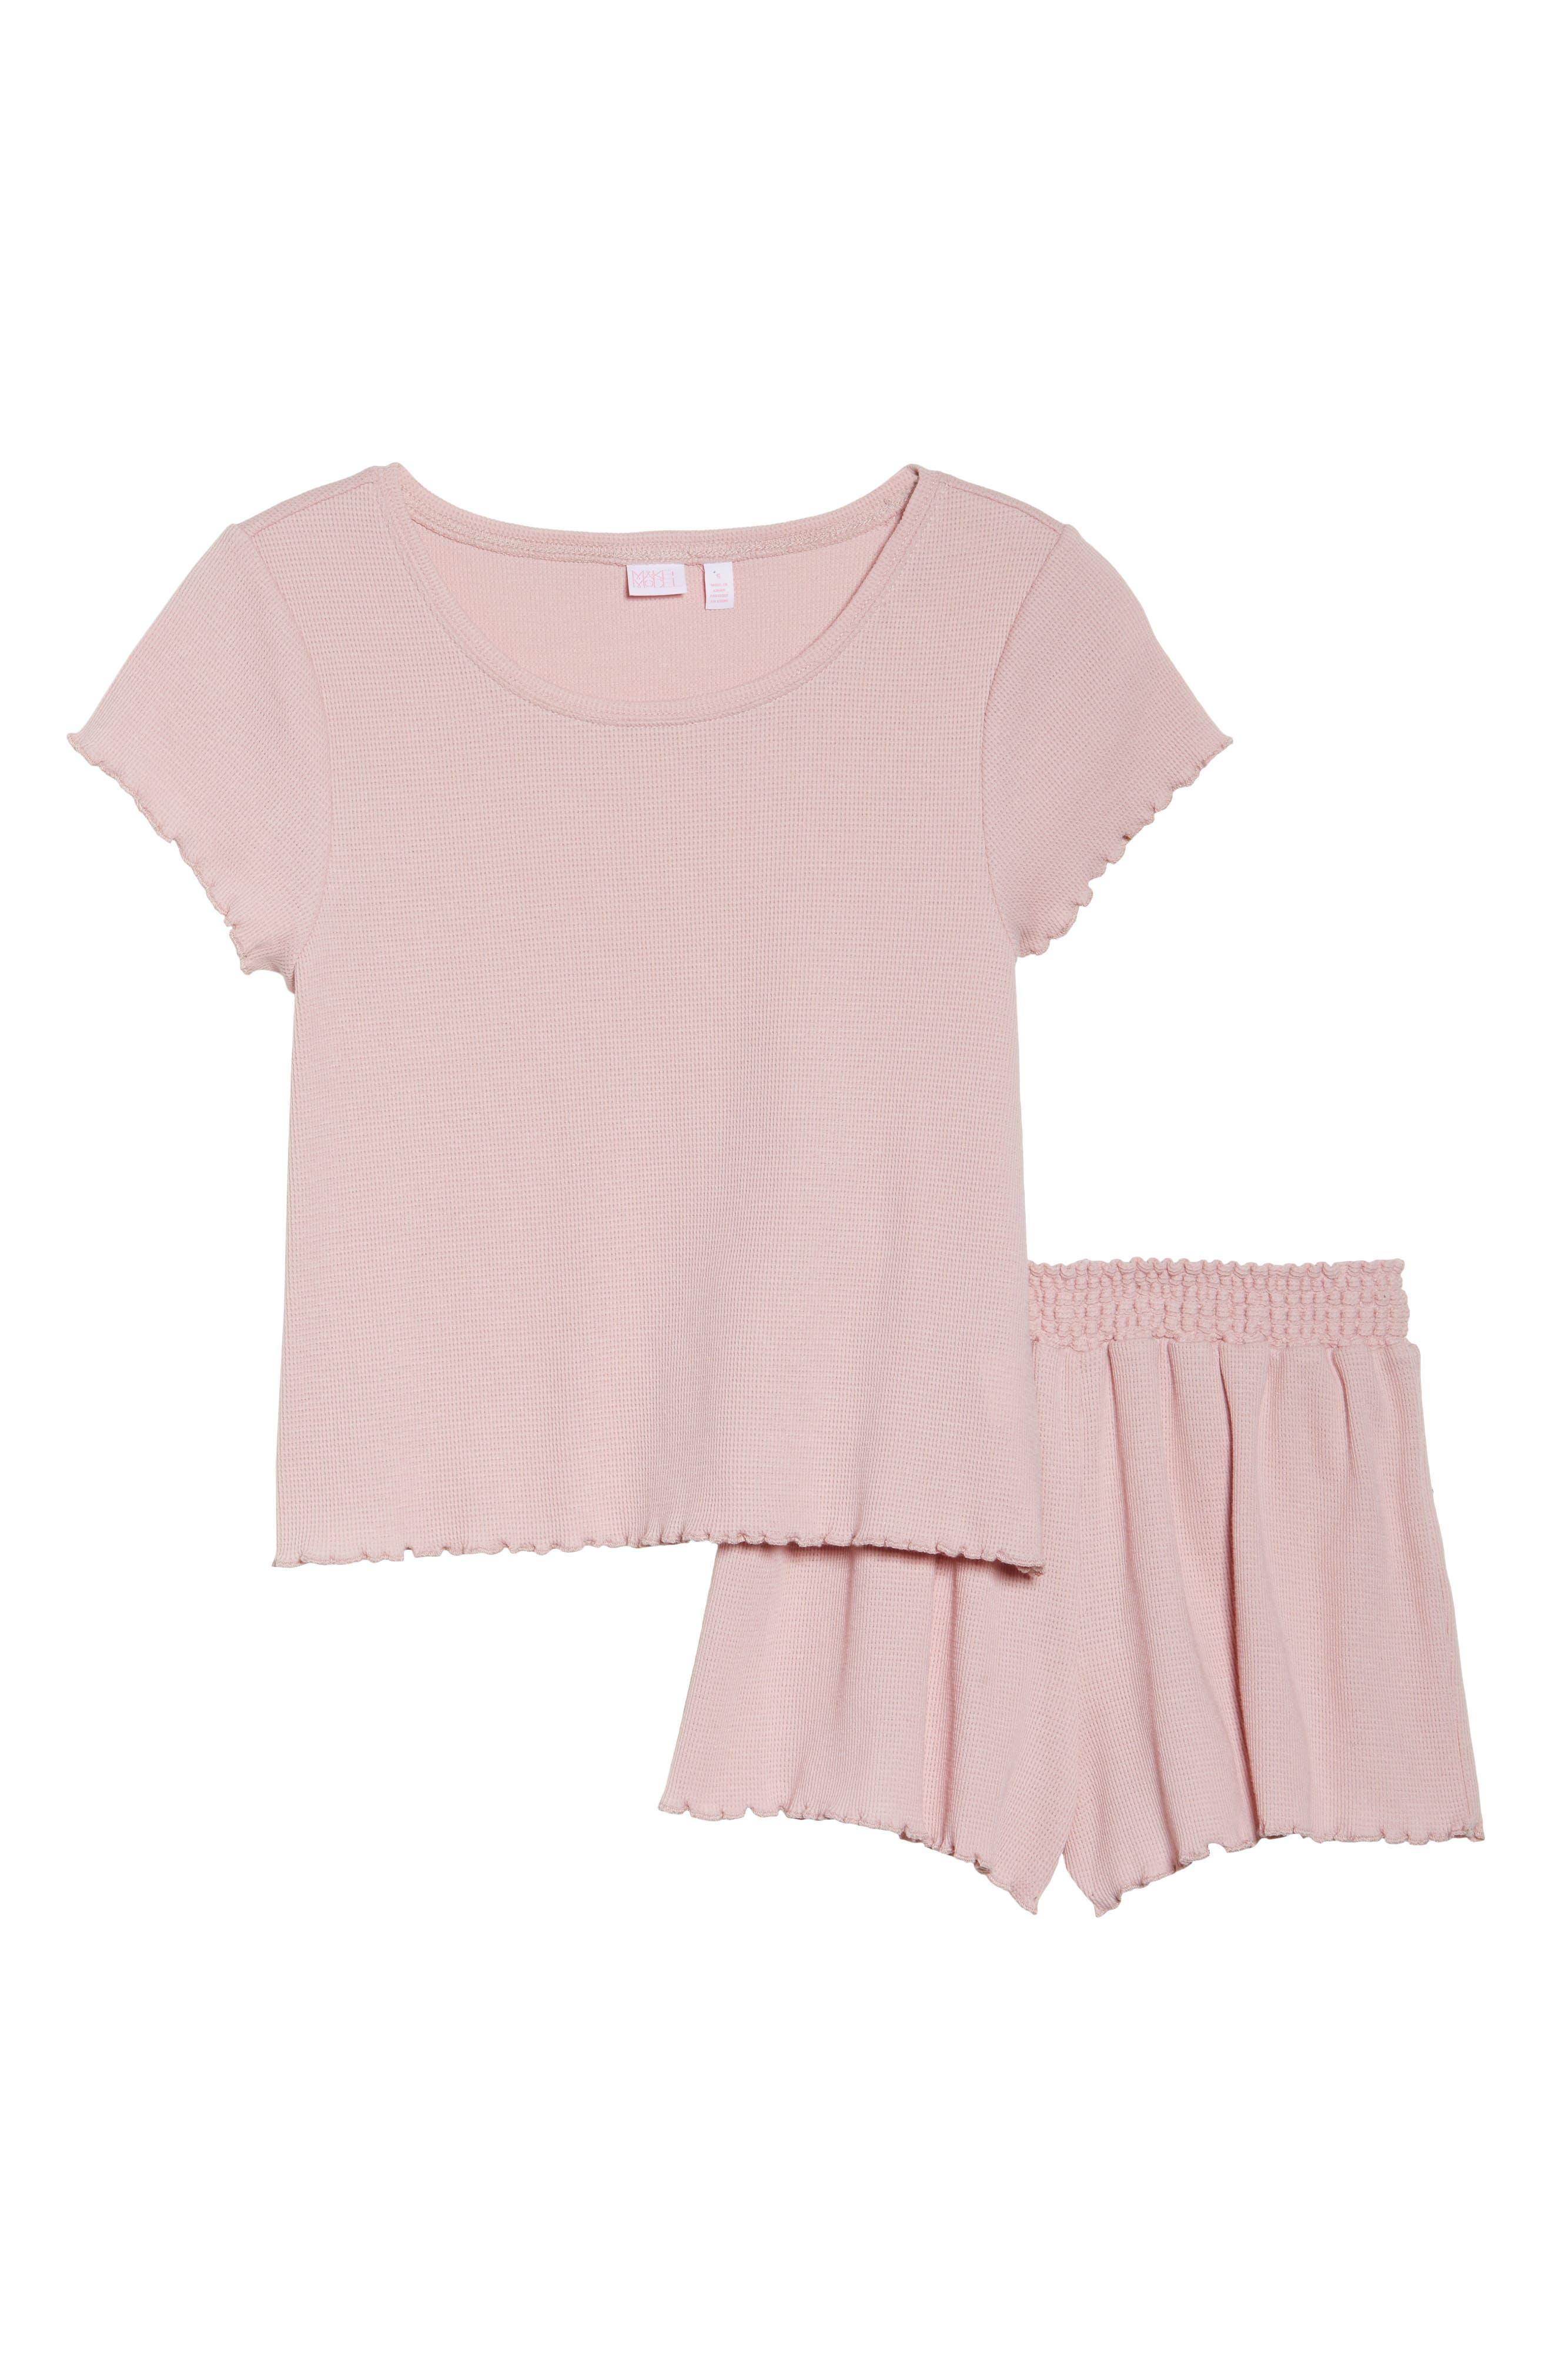 Thermal Short Pajamas,                             Alternate thumbnail 4, color,                             Pink Silver